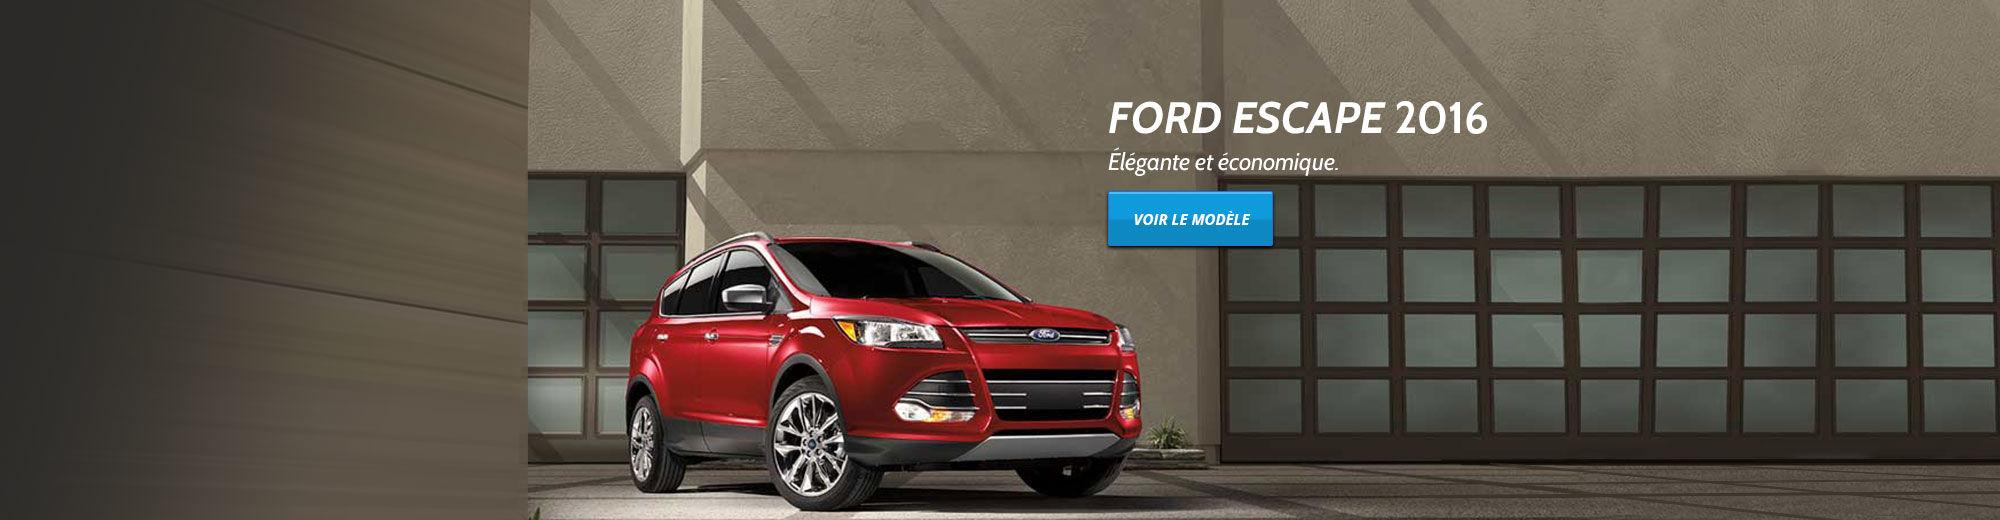 Lancement Ford Escape 2016